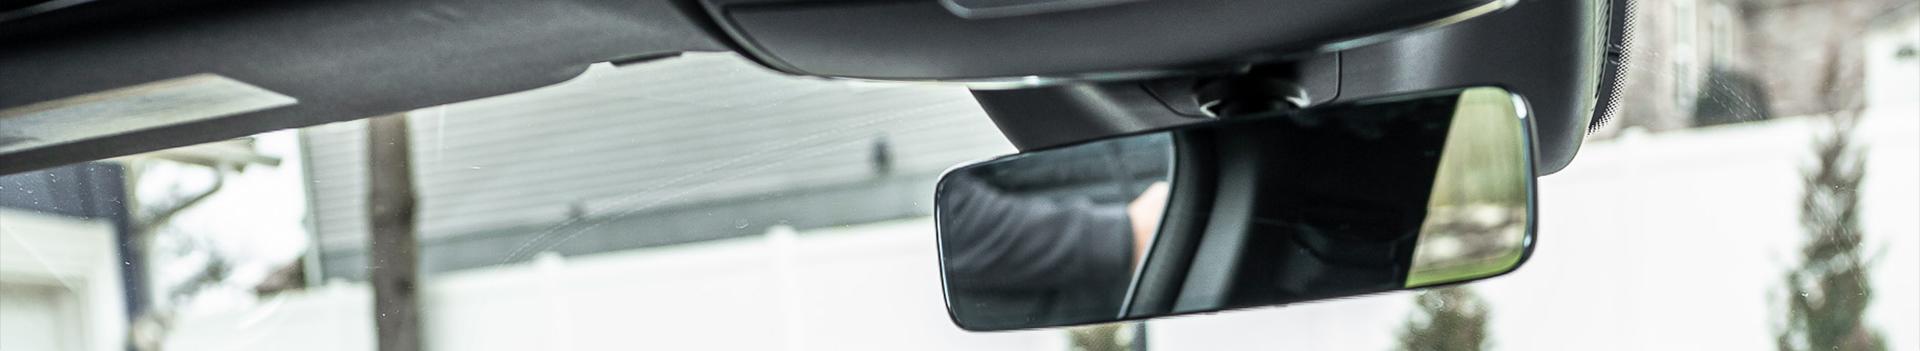 Rear View Mirror Car Sun Visor